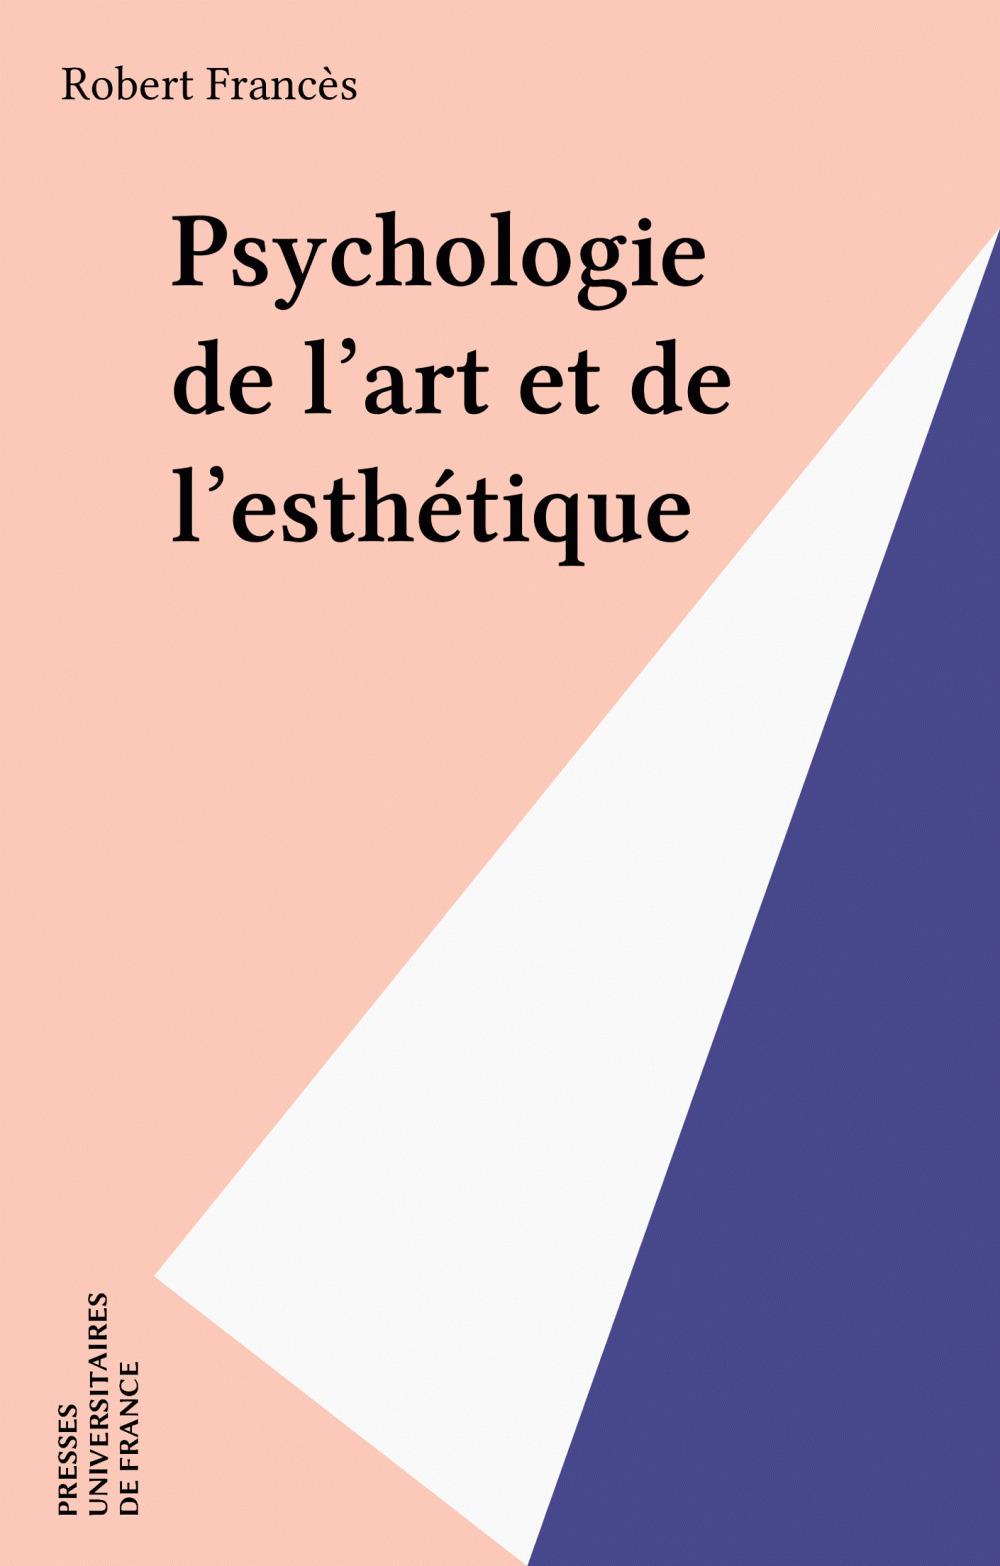 Psychologie de l'art et de l'esthétique